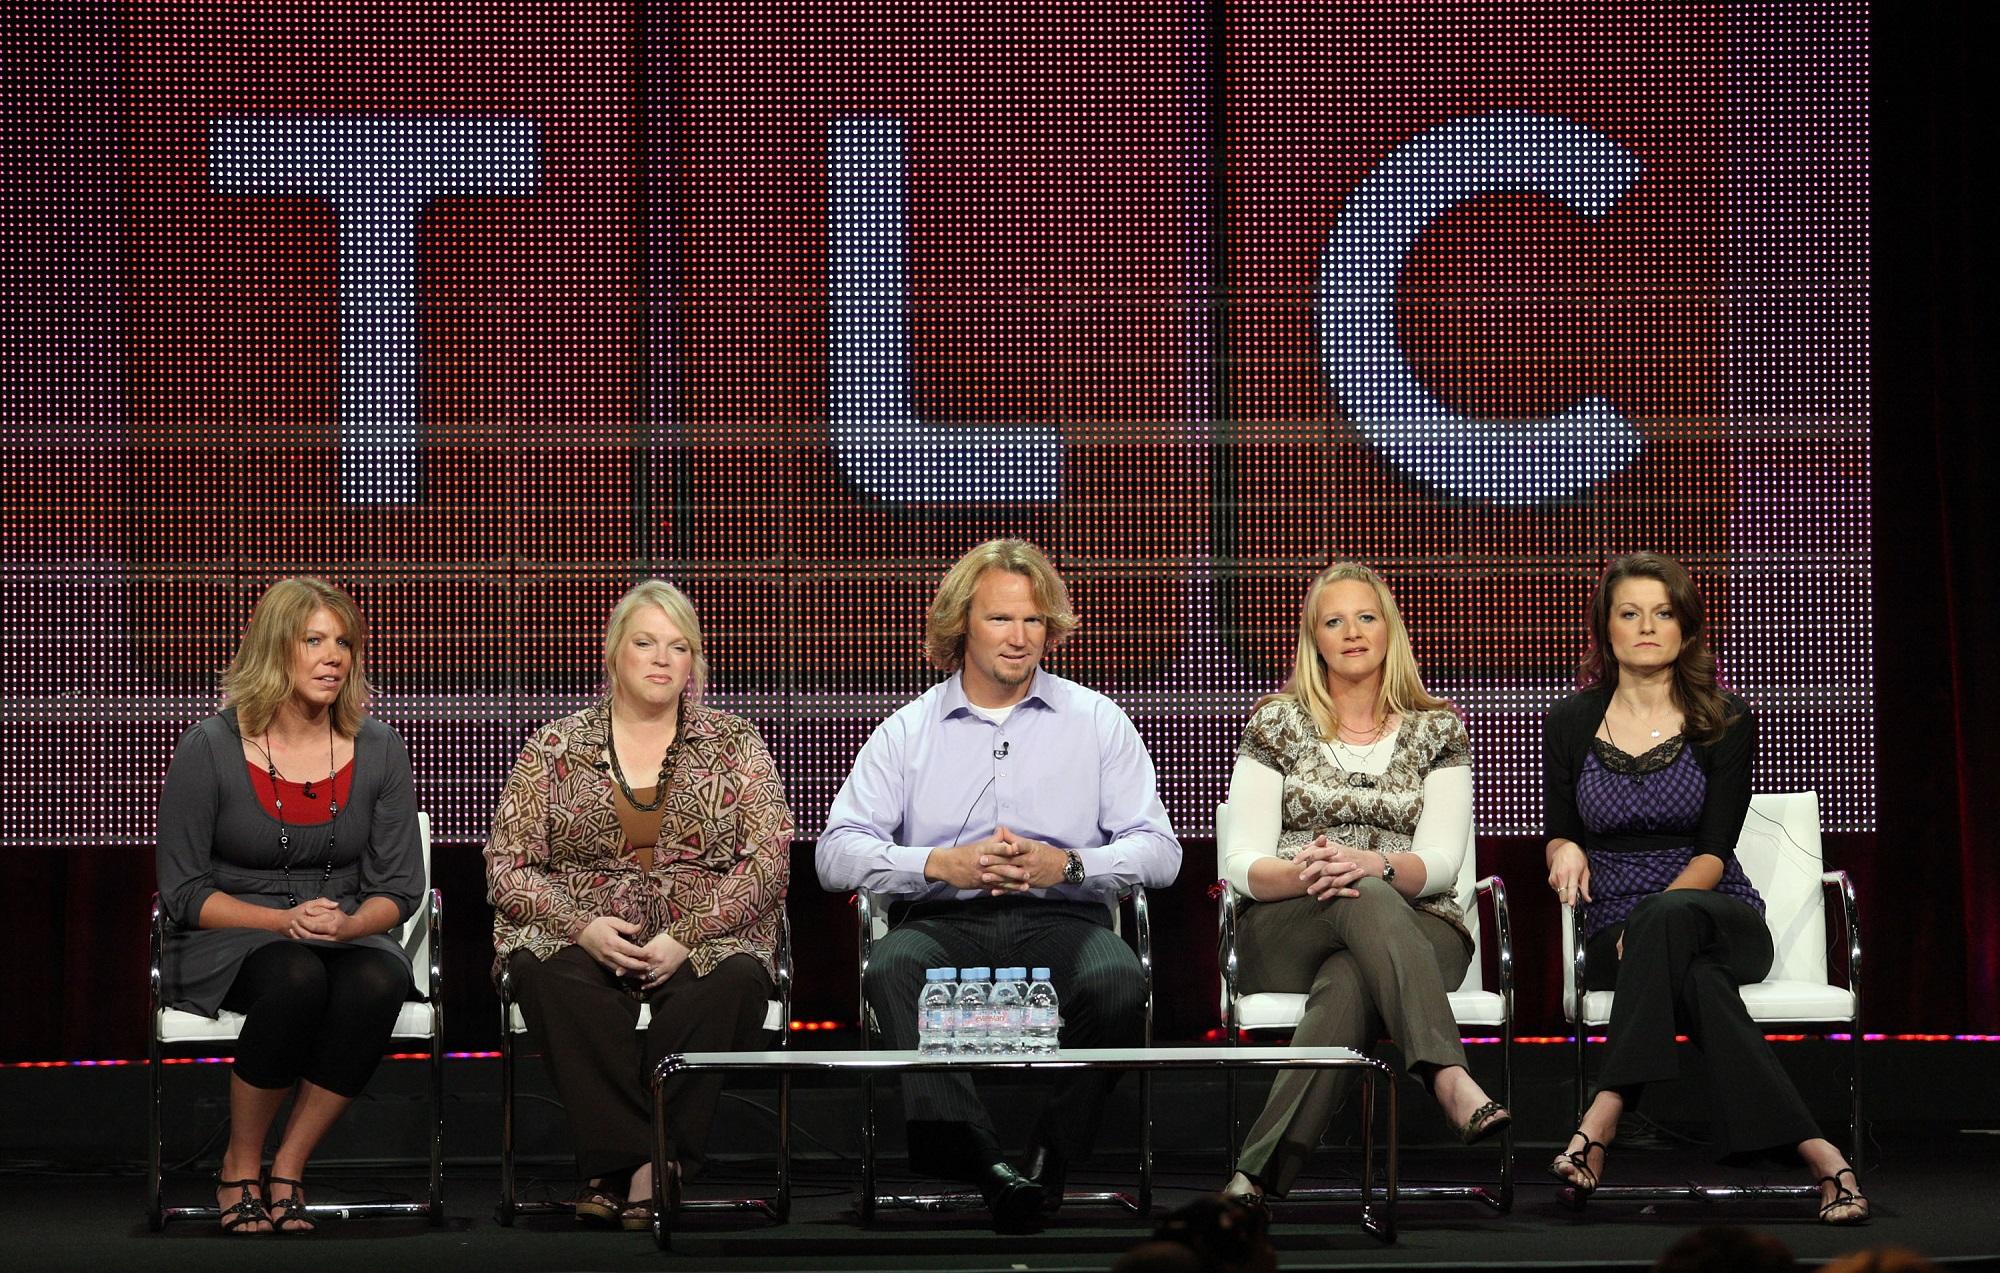 Sister Wives stars Meri Brown, Janelle Brown, Kody Brown, Christine Brown, and Robyn Brown